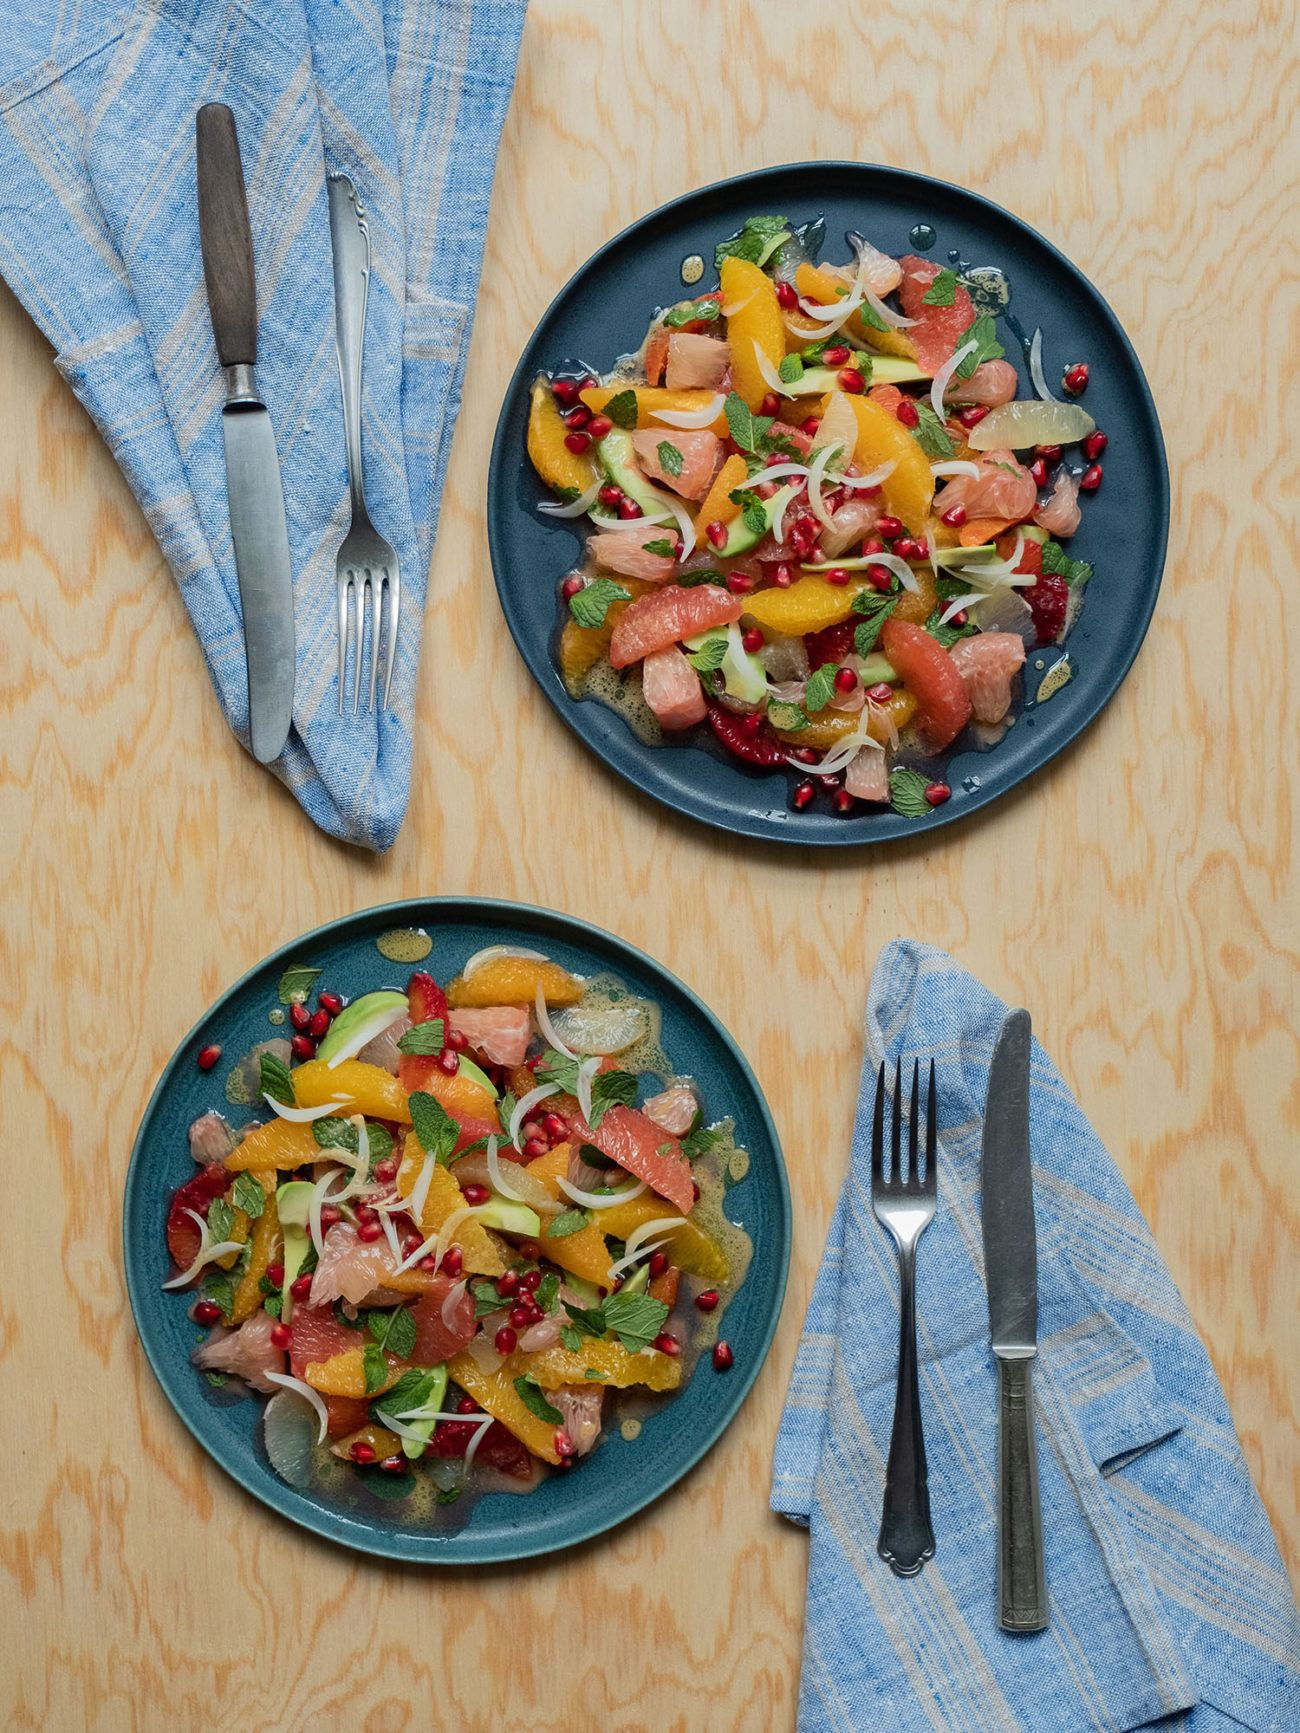 Rezept_Zitrussalat mit Avocado und Pistaziendressing, Minze, Zwiebeln, Granatapfel